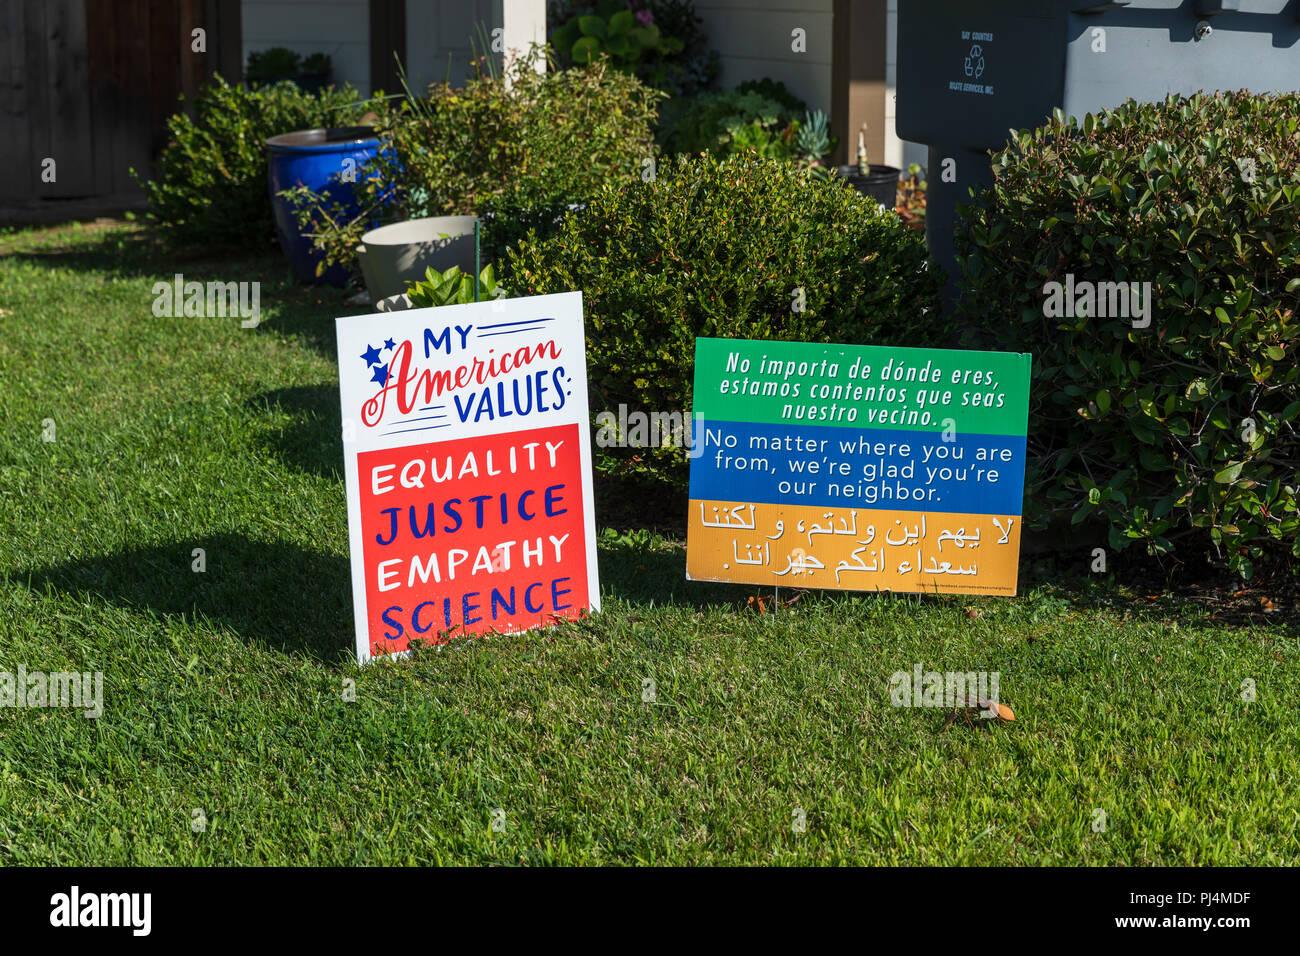 Mes valeurs américaines: l'égalité, la justice, l'empathie, de la science; les signes à l'extérieur chambre à Sunnyvale, Californie Photo Stock